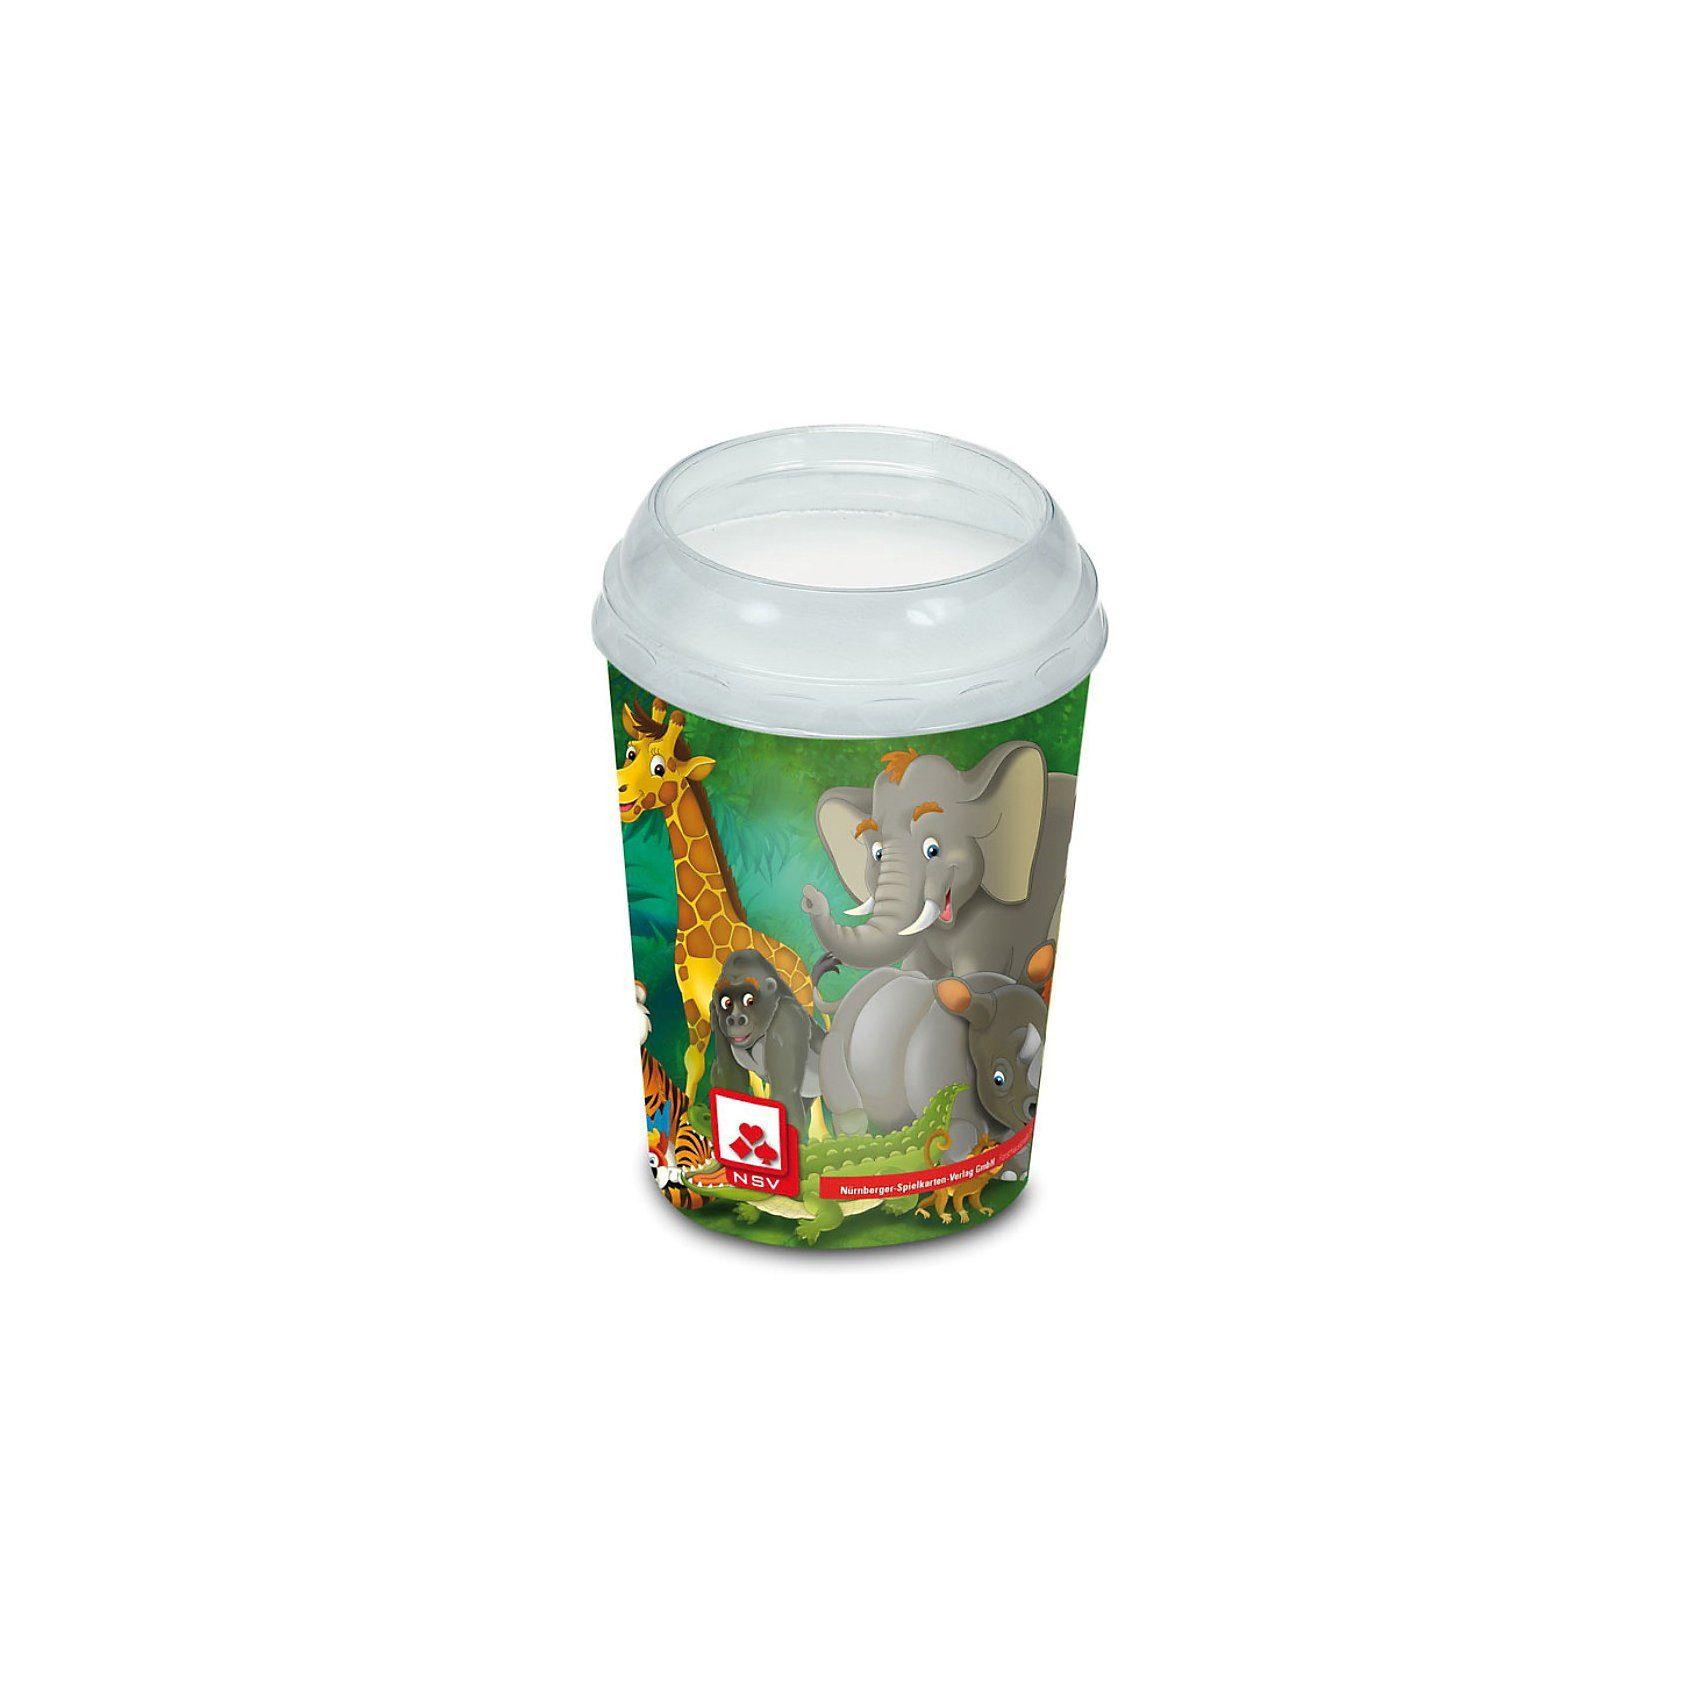 Nürnberger Spielkarten Cup Puzzle - Der verrückte Zoo 77 Teile